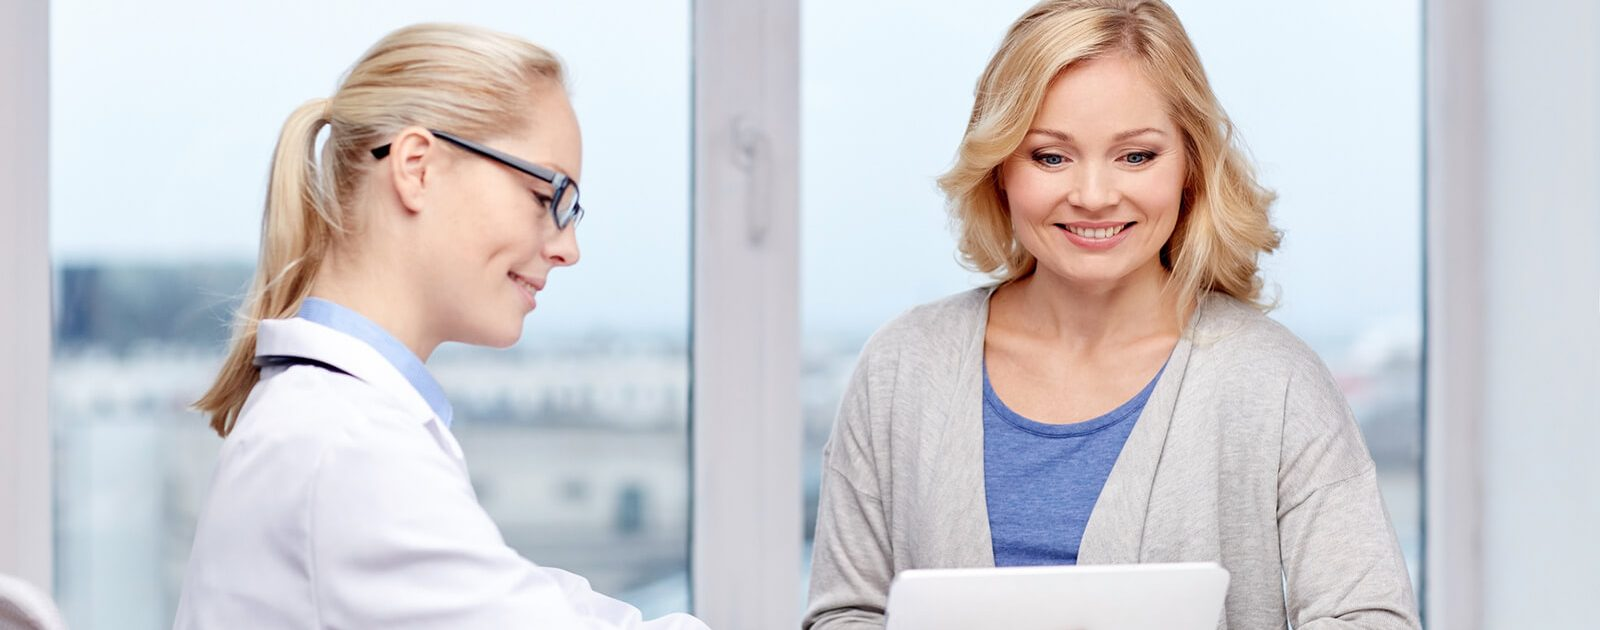 Ärztin klärt Frau mit Rückenschmerzen über alternative Heilverfahren auf